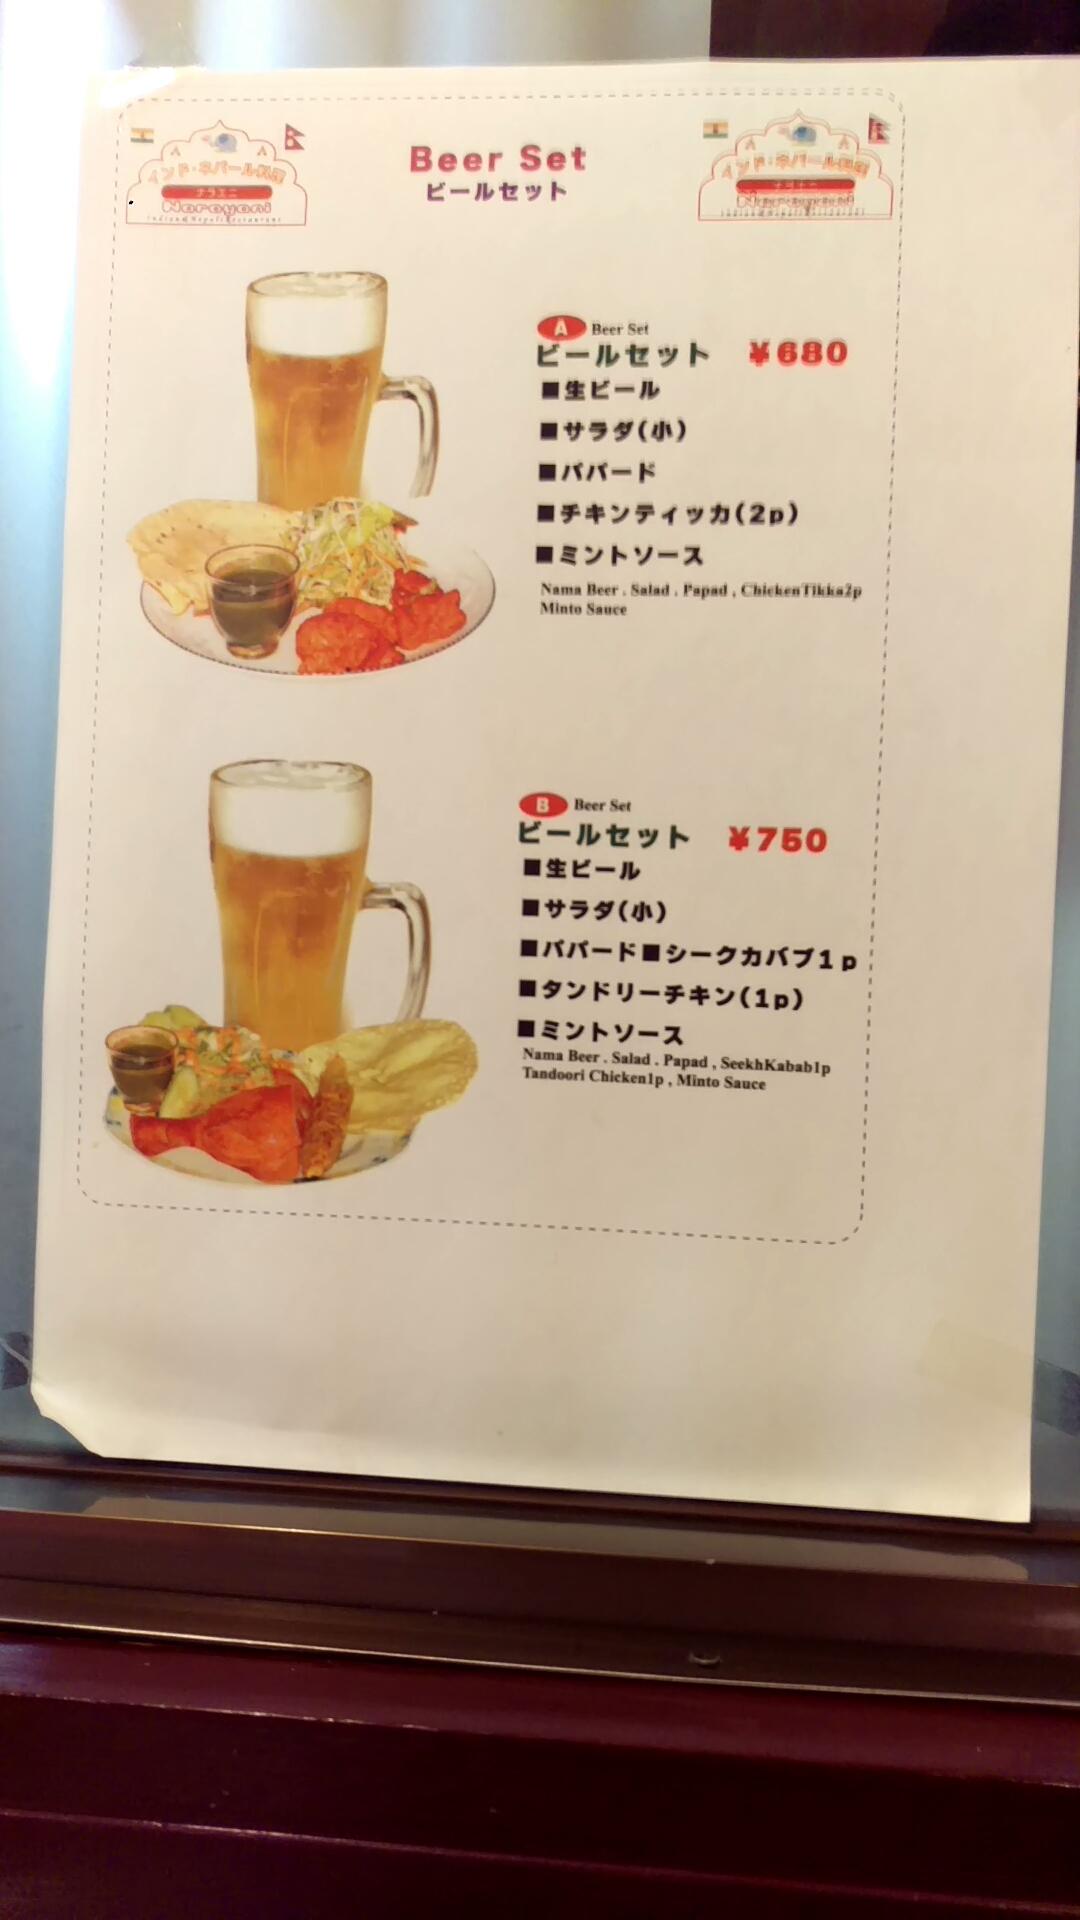 ビールとサモサなどのセット、気になる。